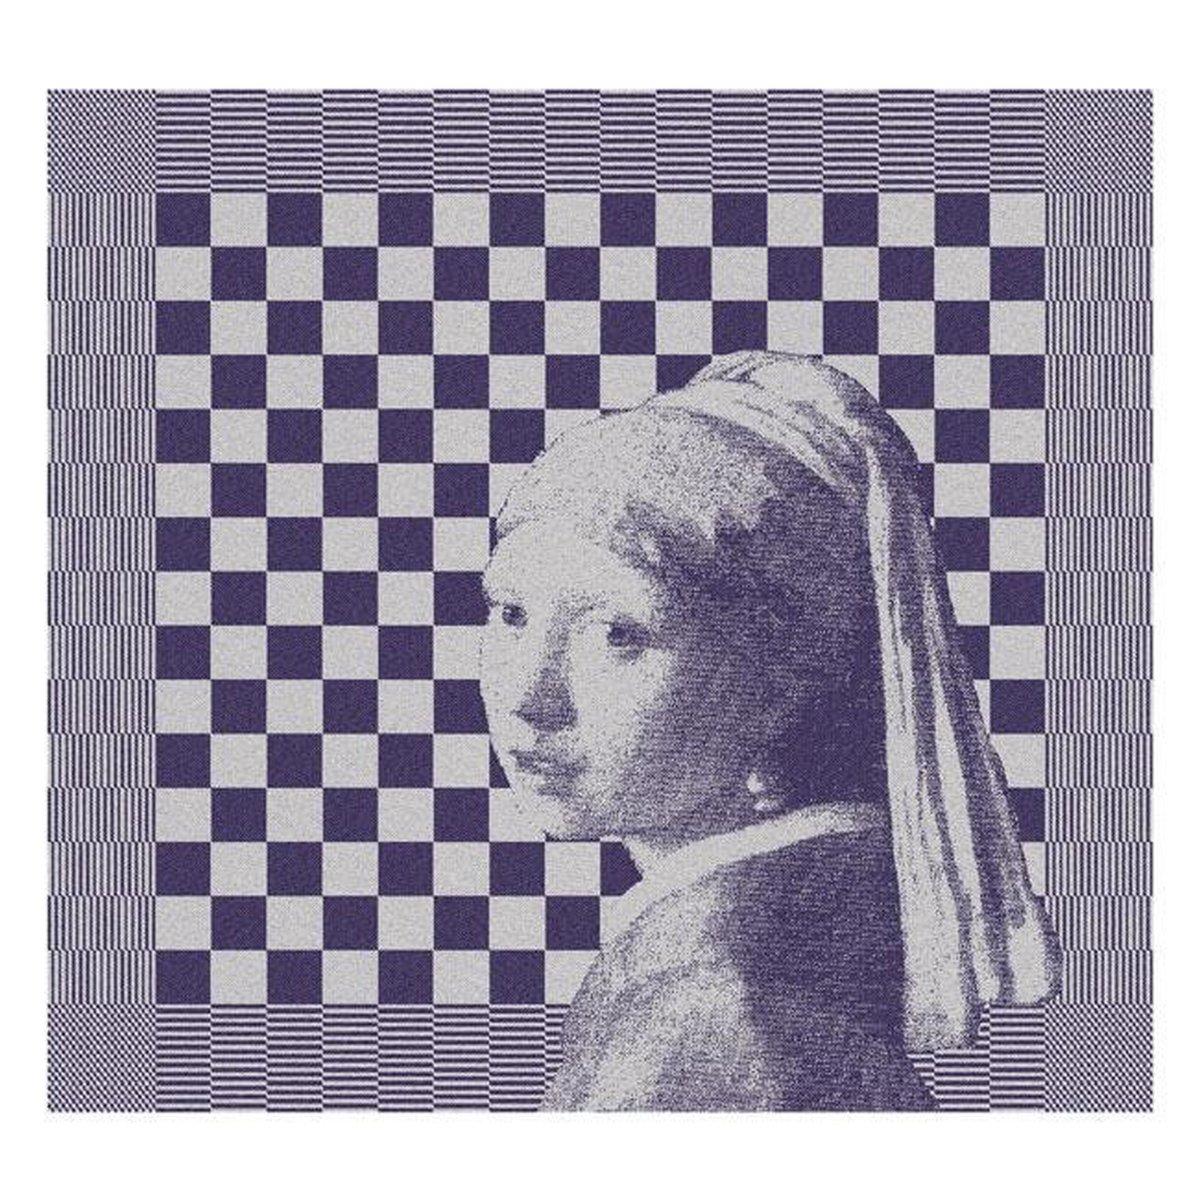 DDDDD Theedoek Girl With the Pearl (6 stuks) - DDDDD